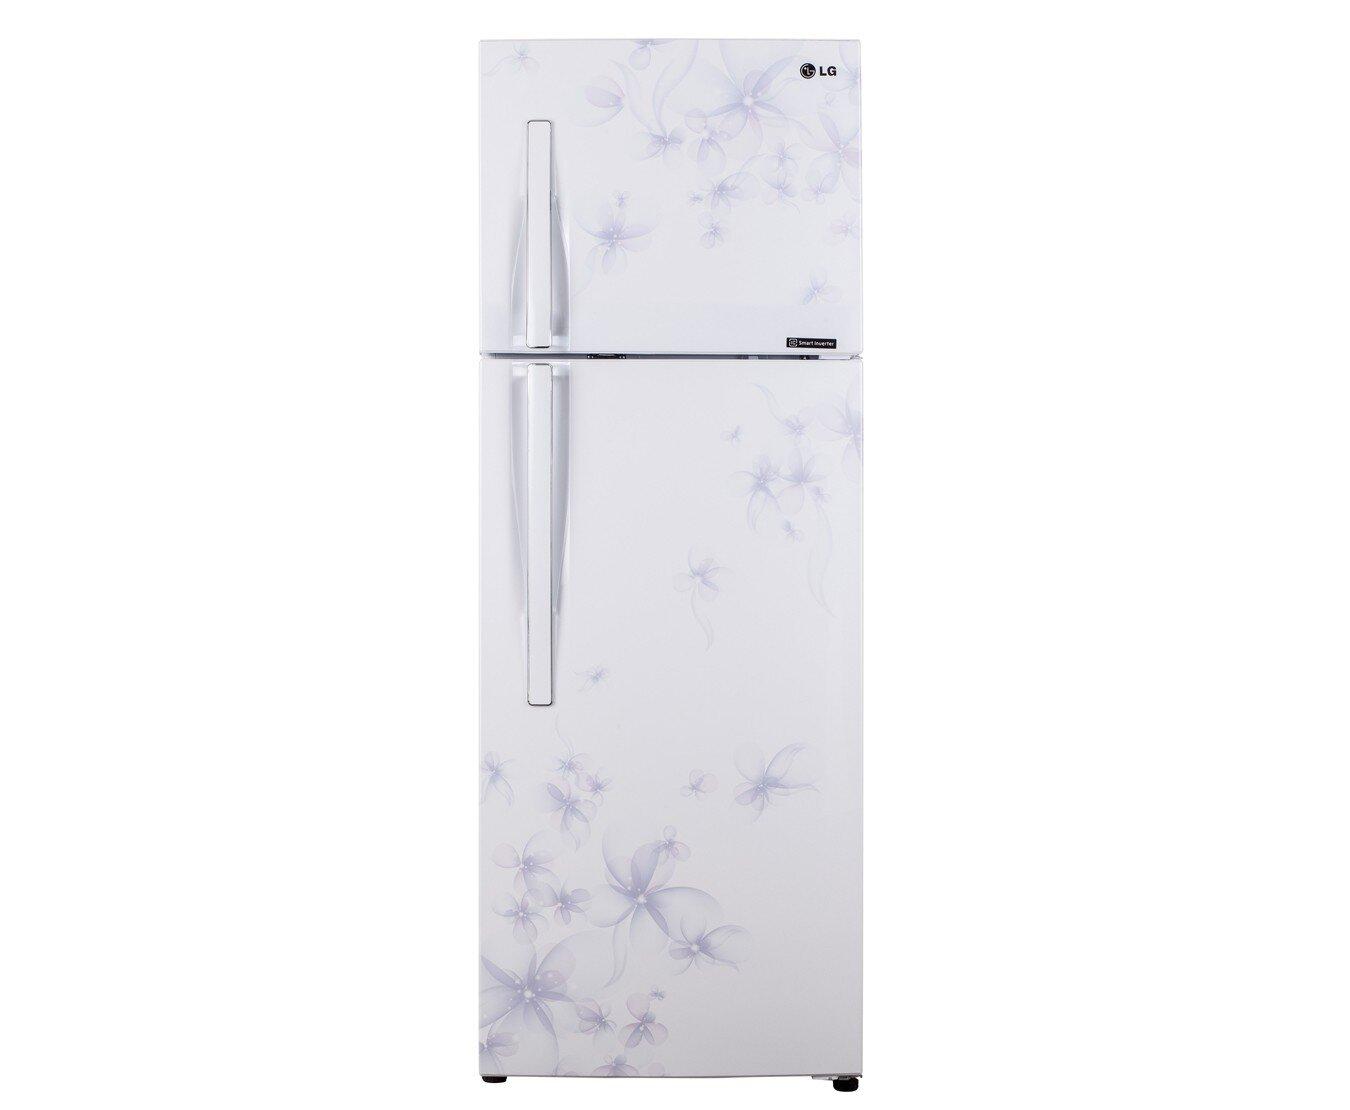 Tủ lạnh LG GNL275BF (GN-L275BF) - 255 lít , 2 cửa